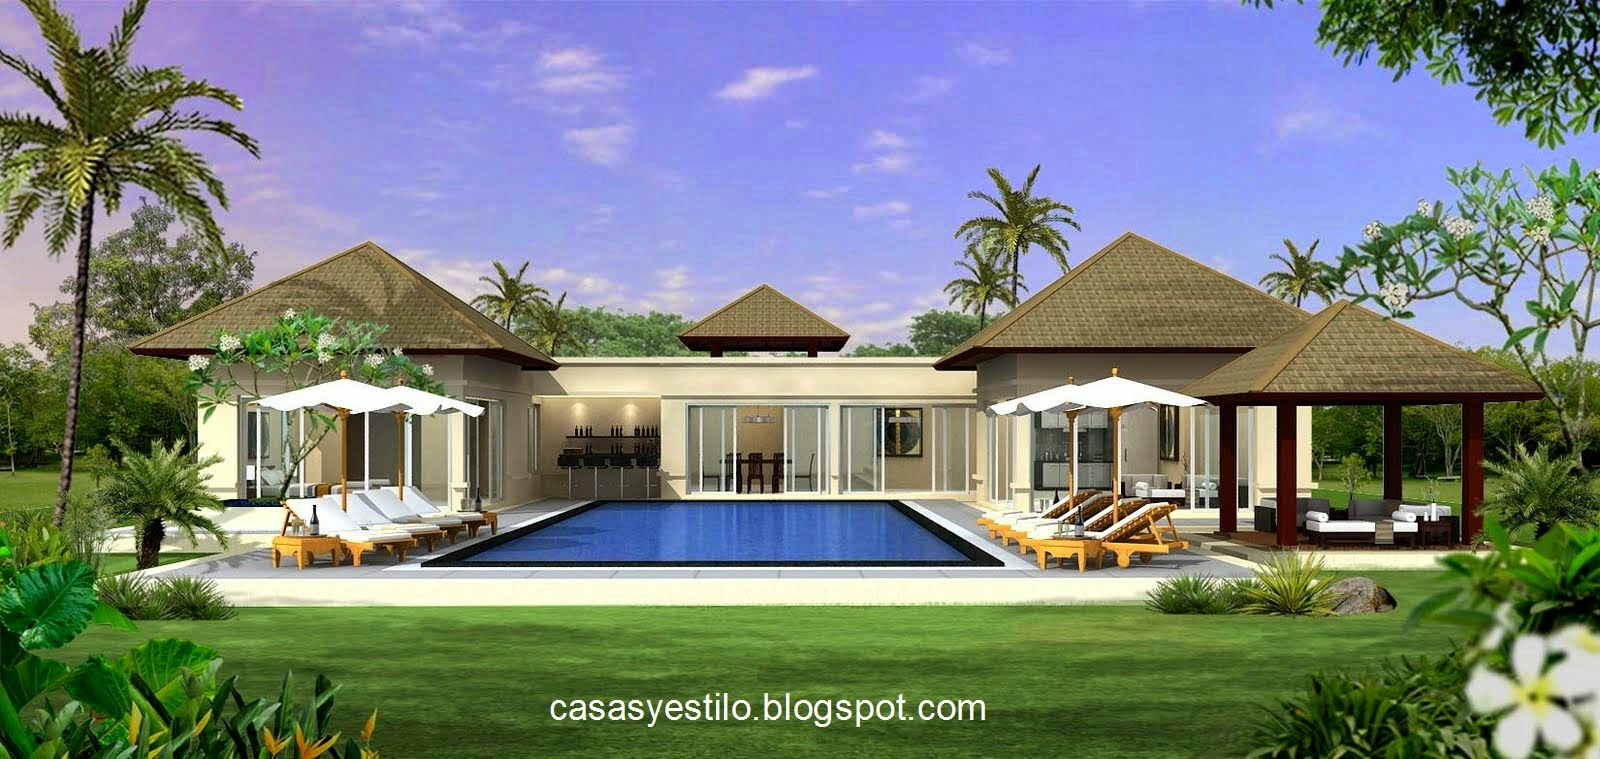 Casas grandes con piscina casas y estilo for Fotos casas de campo con piscina